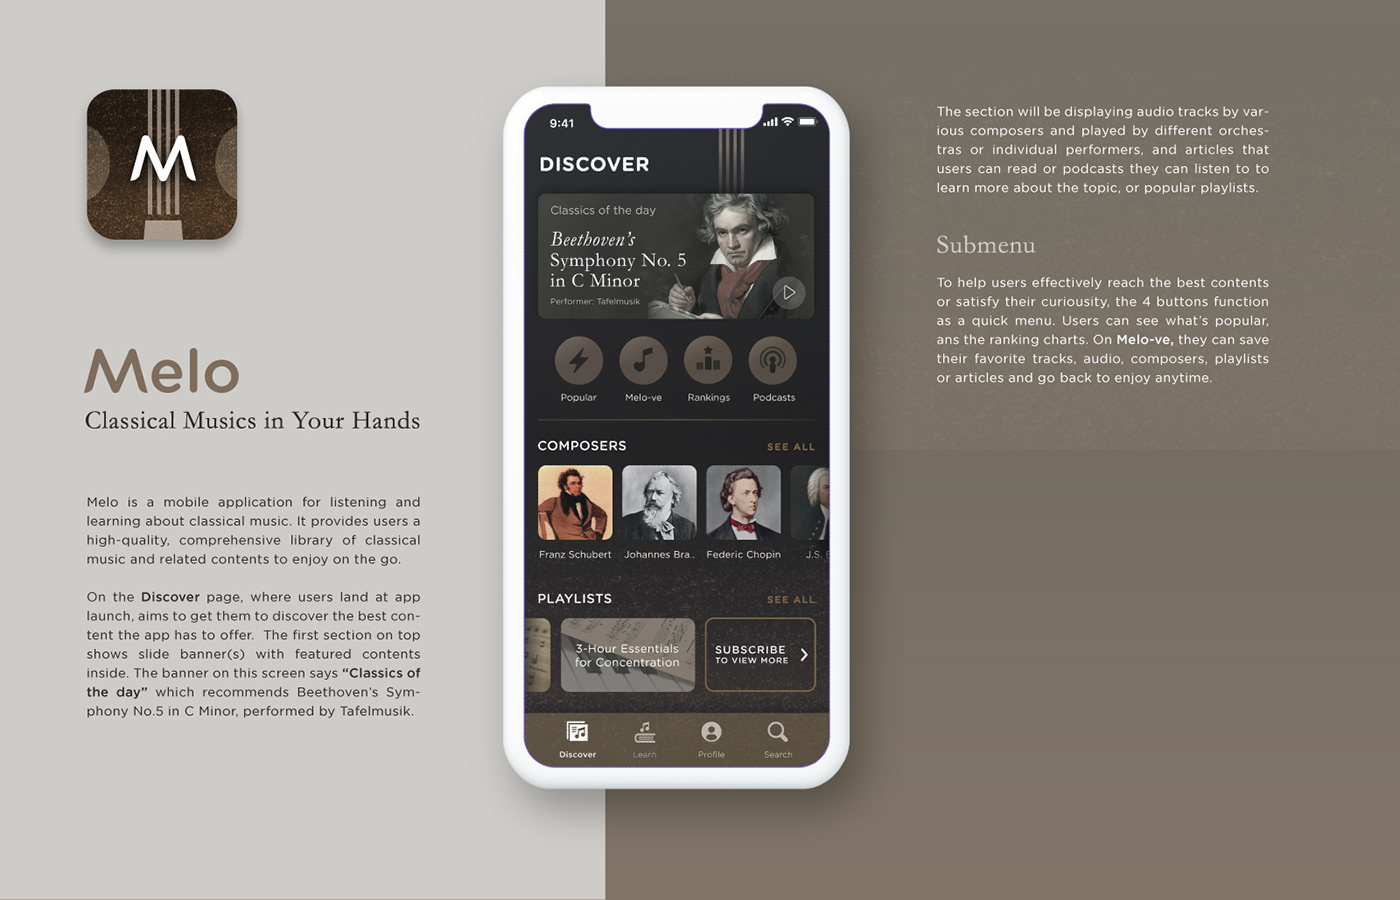 Mobile app application Mobile Application Music Player music player app music streaming music classical music app classical musics Music Streaming App